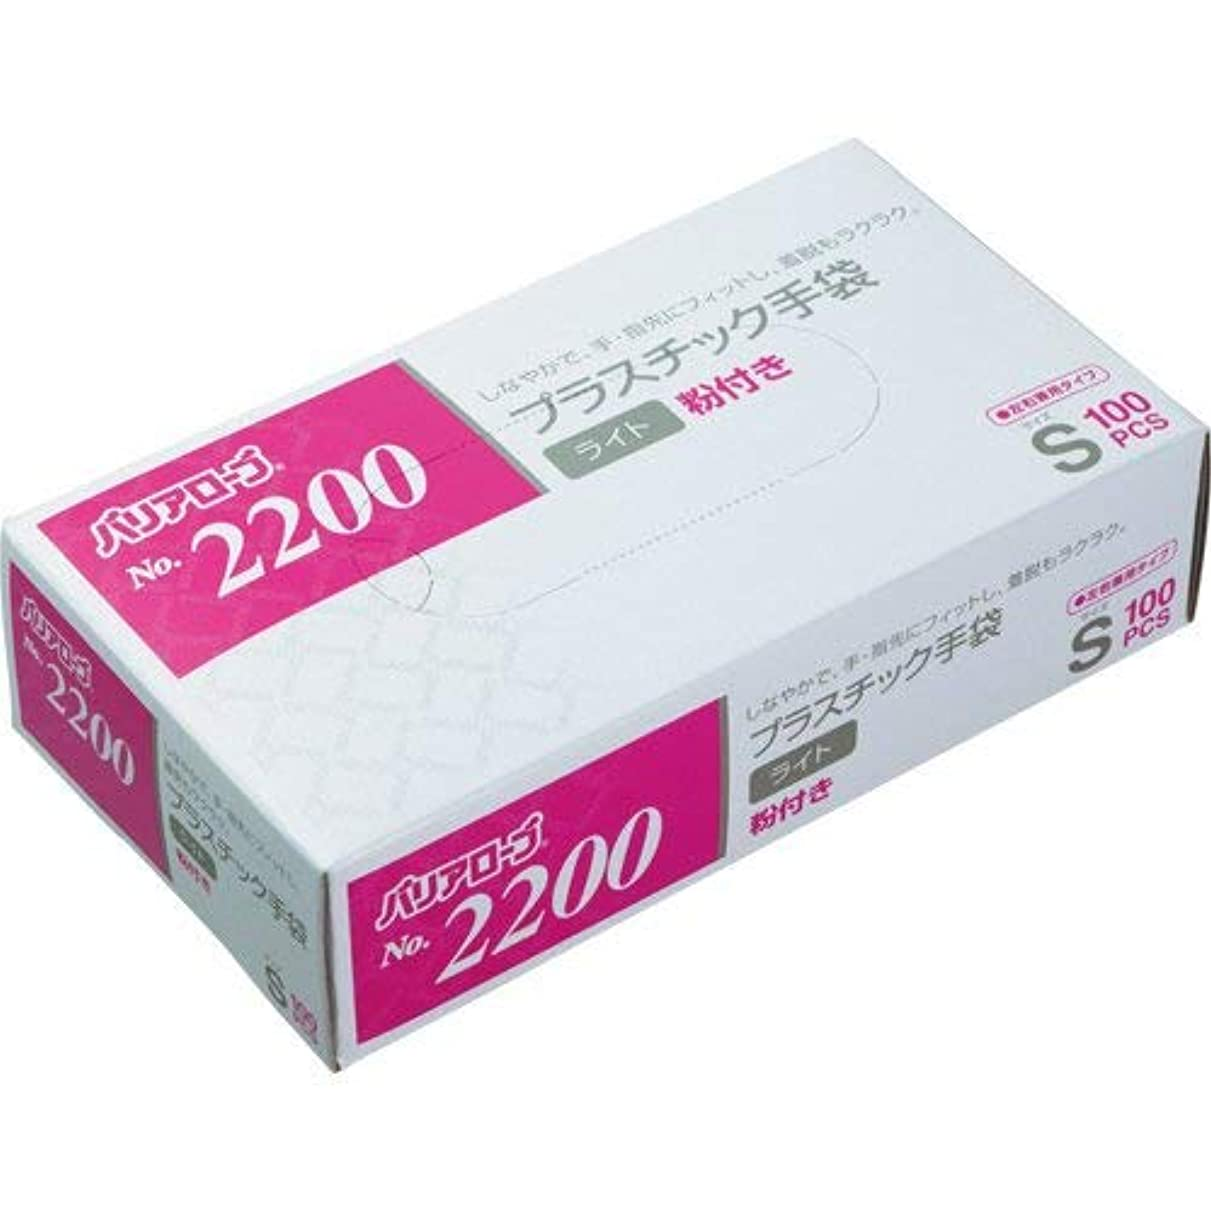 無意識地域教育学【ケース販売】 バリアローブ №2200 プラスチック手袋 ライト (粉付き) S 2000枚(100枚×20箱)